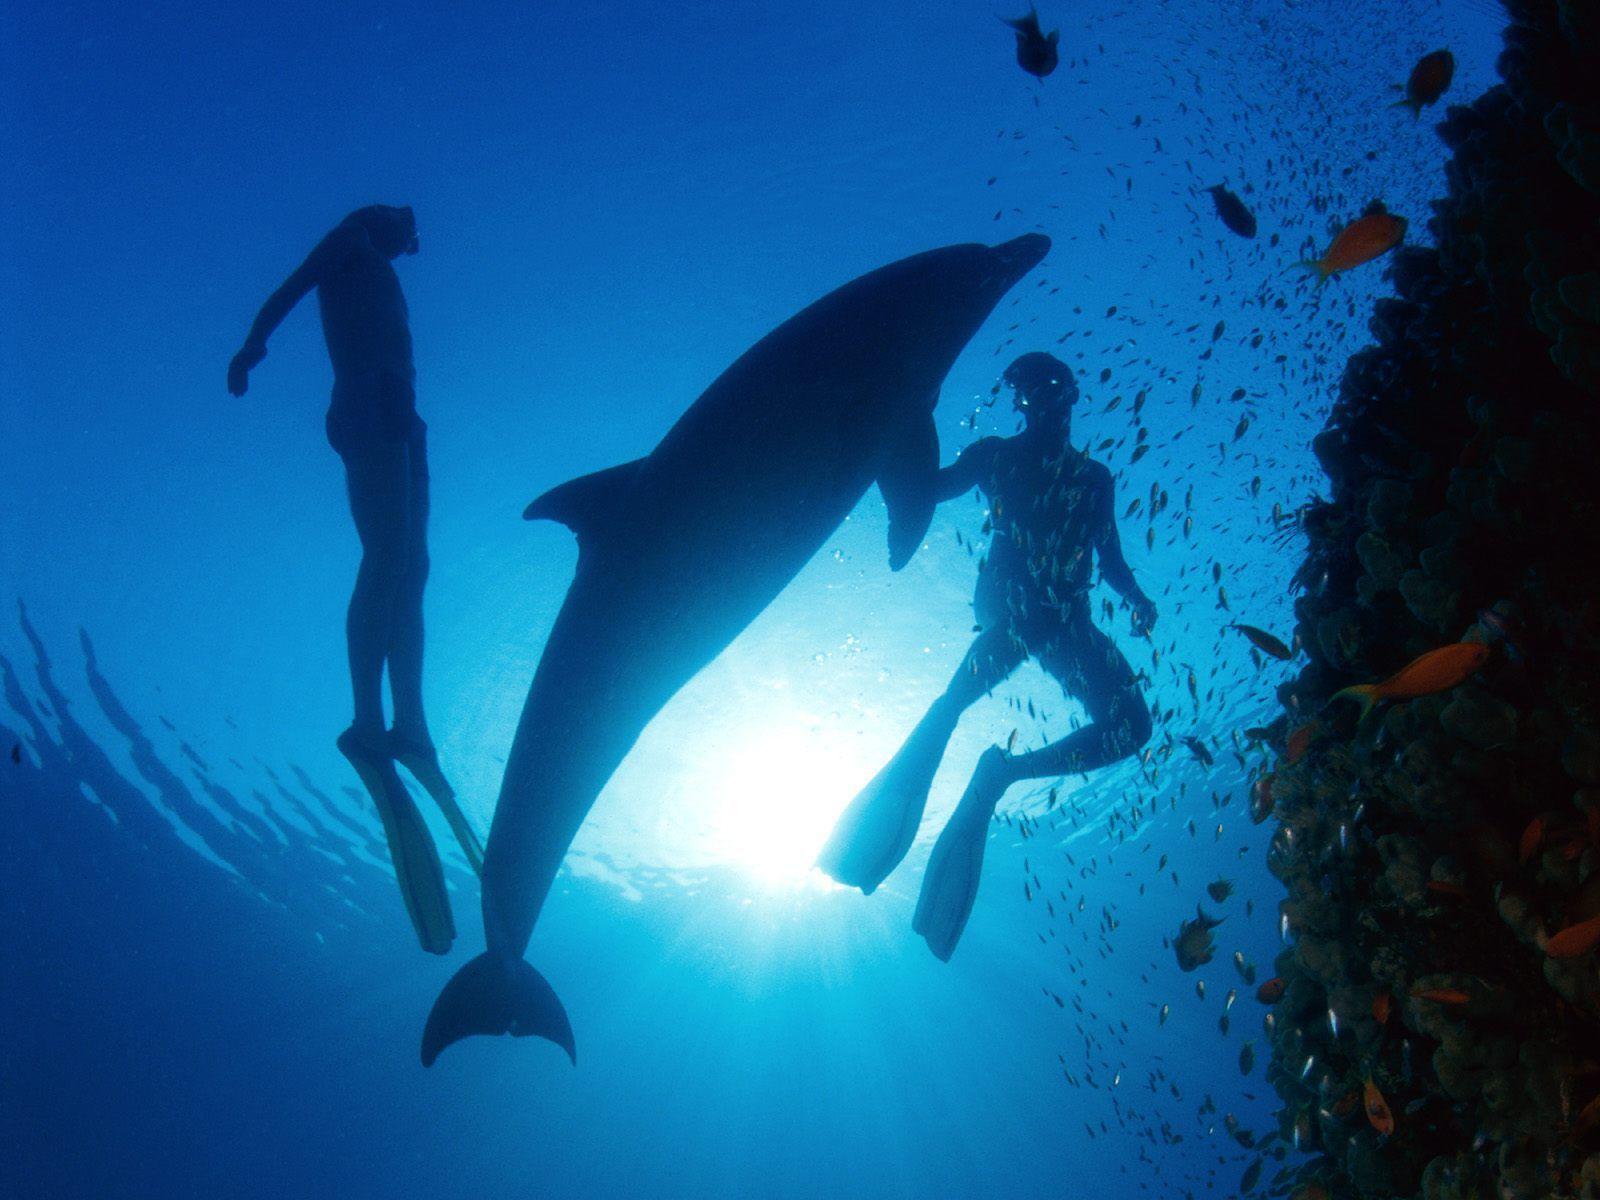 deep ocean desktop wallpaper - photo #21